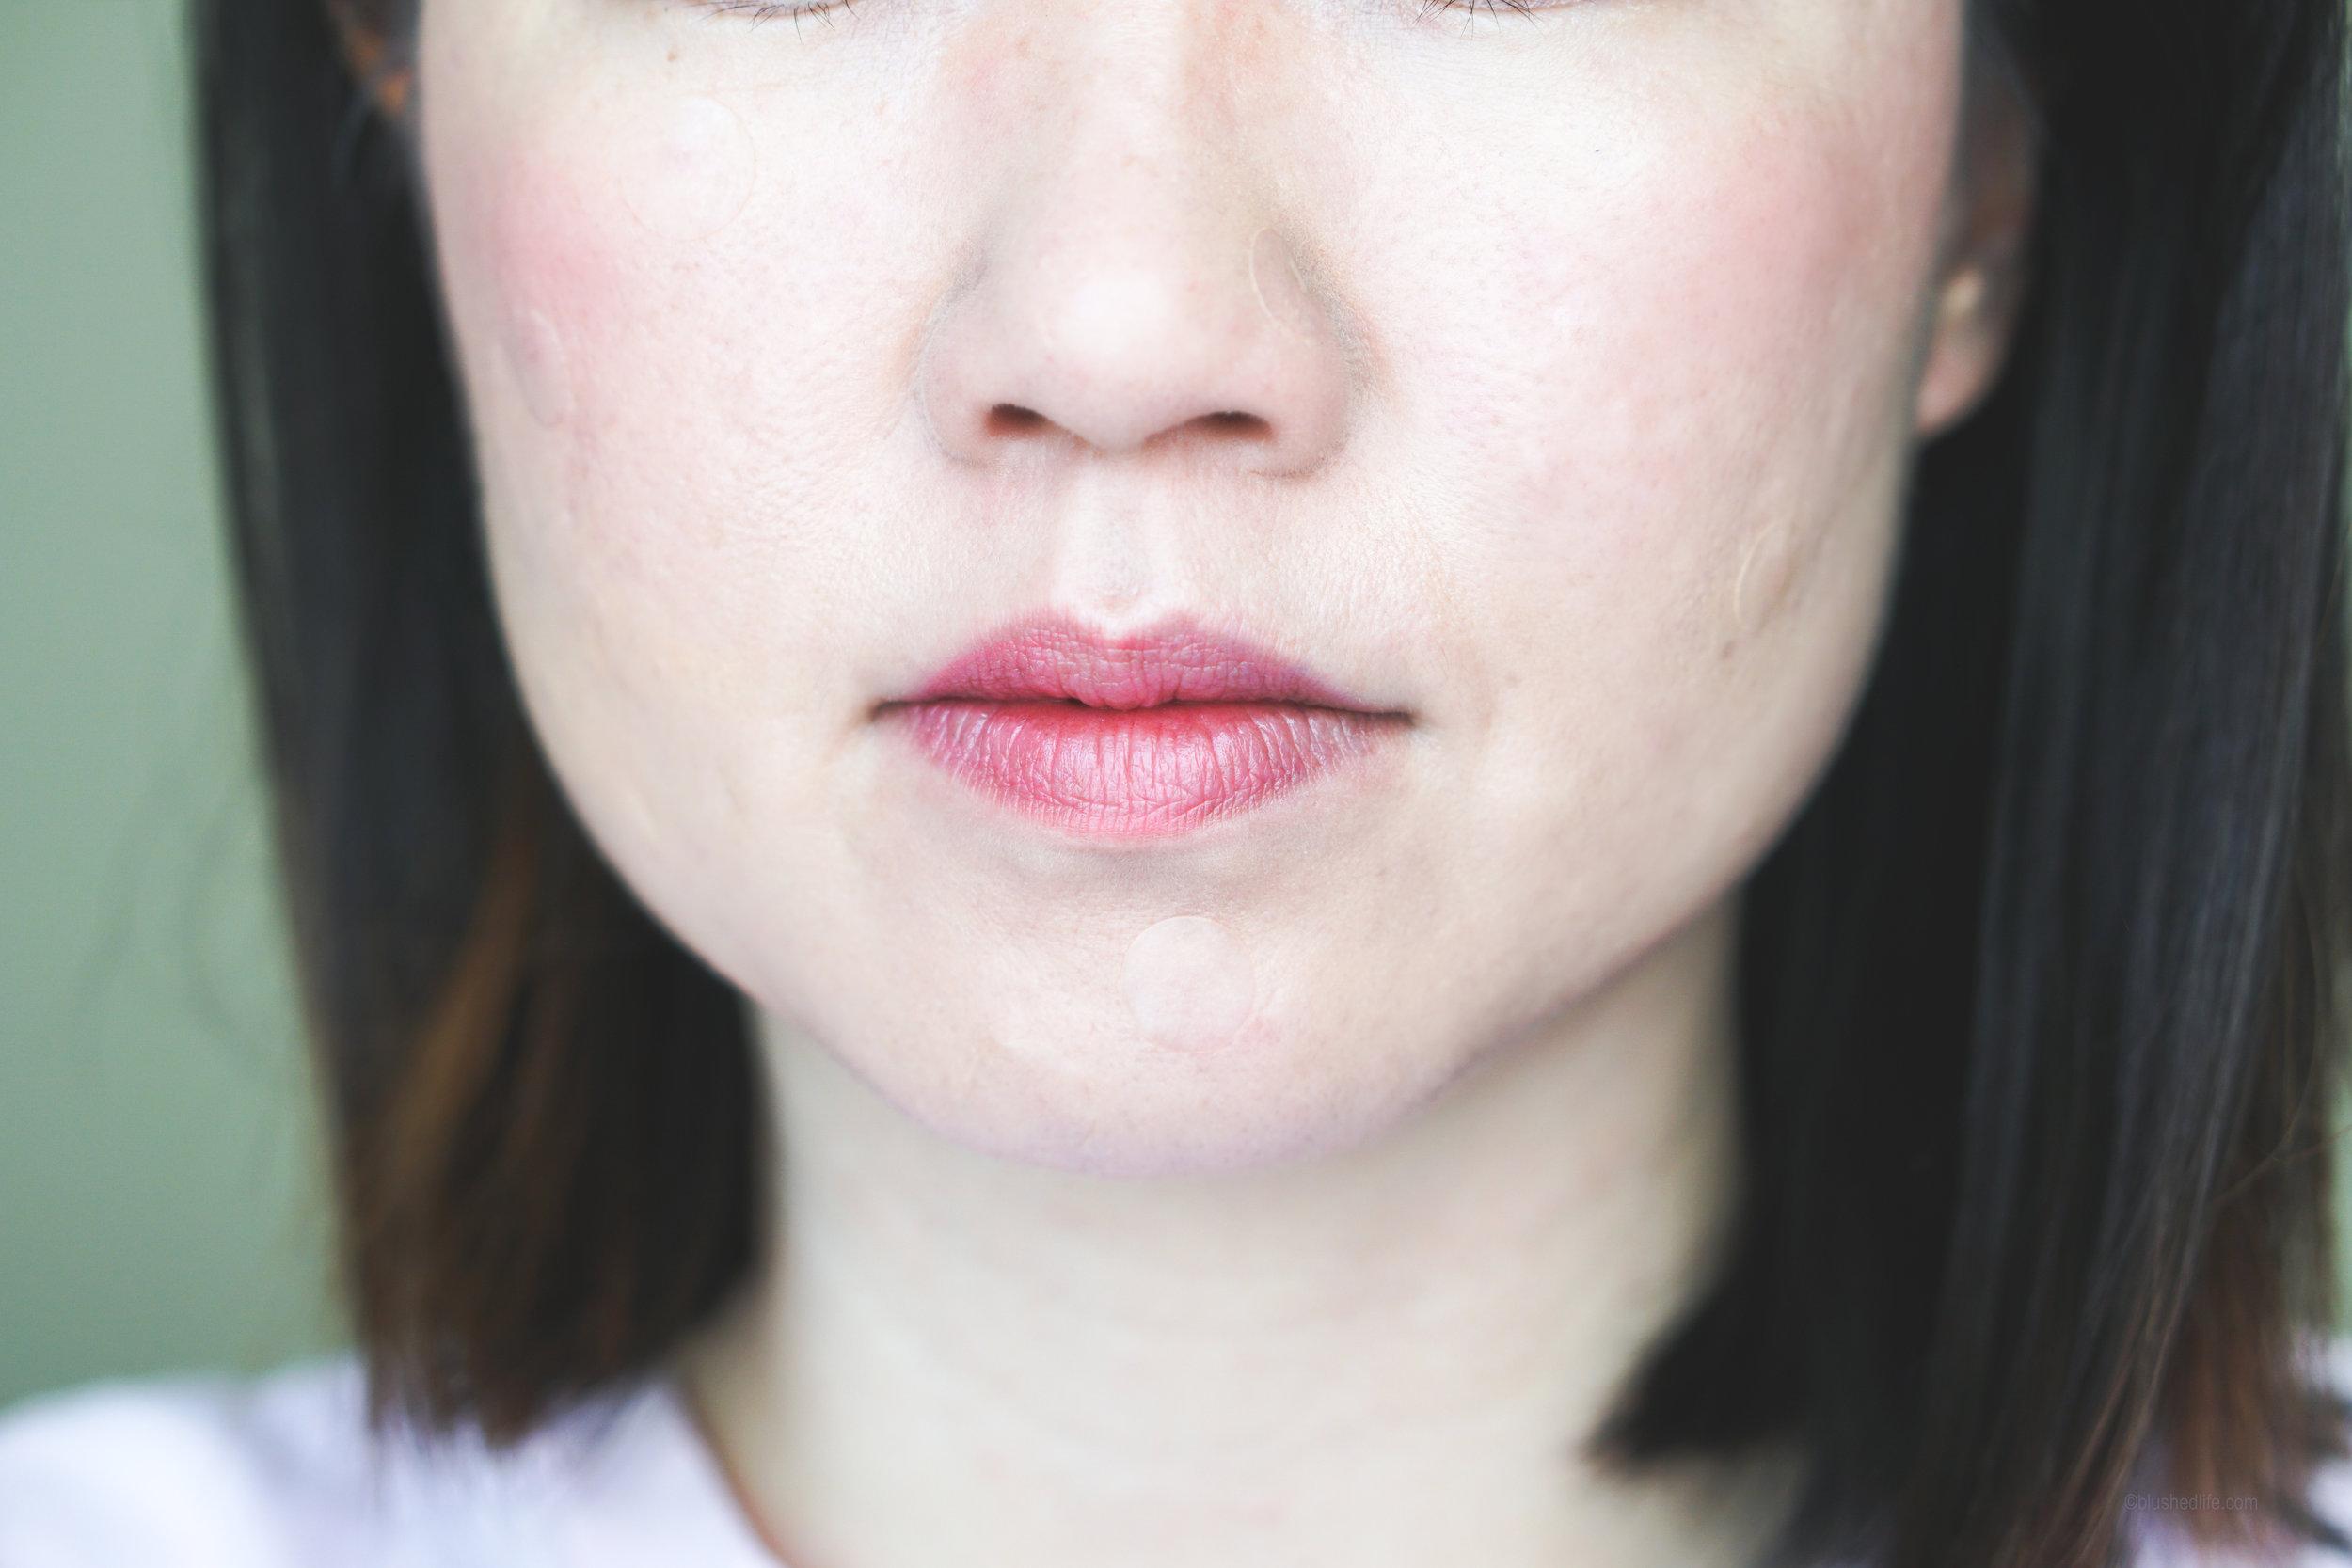 Best Pimple Patches Review Comparison_DSC07282-2.jpg